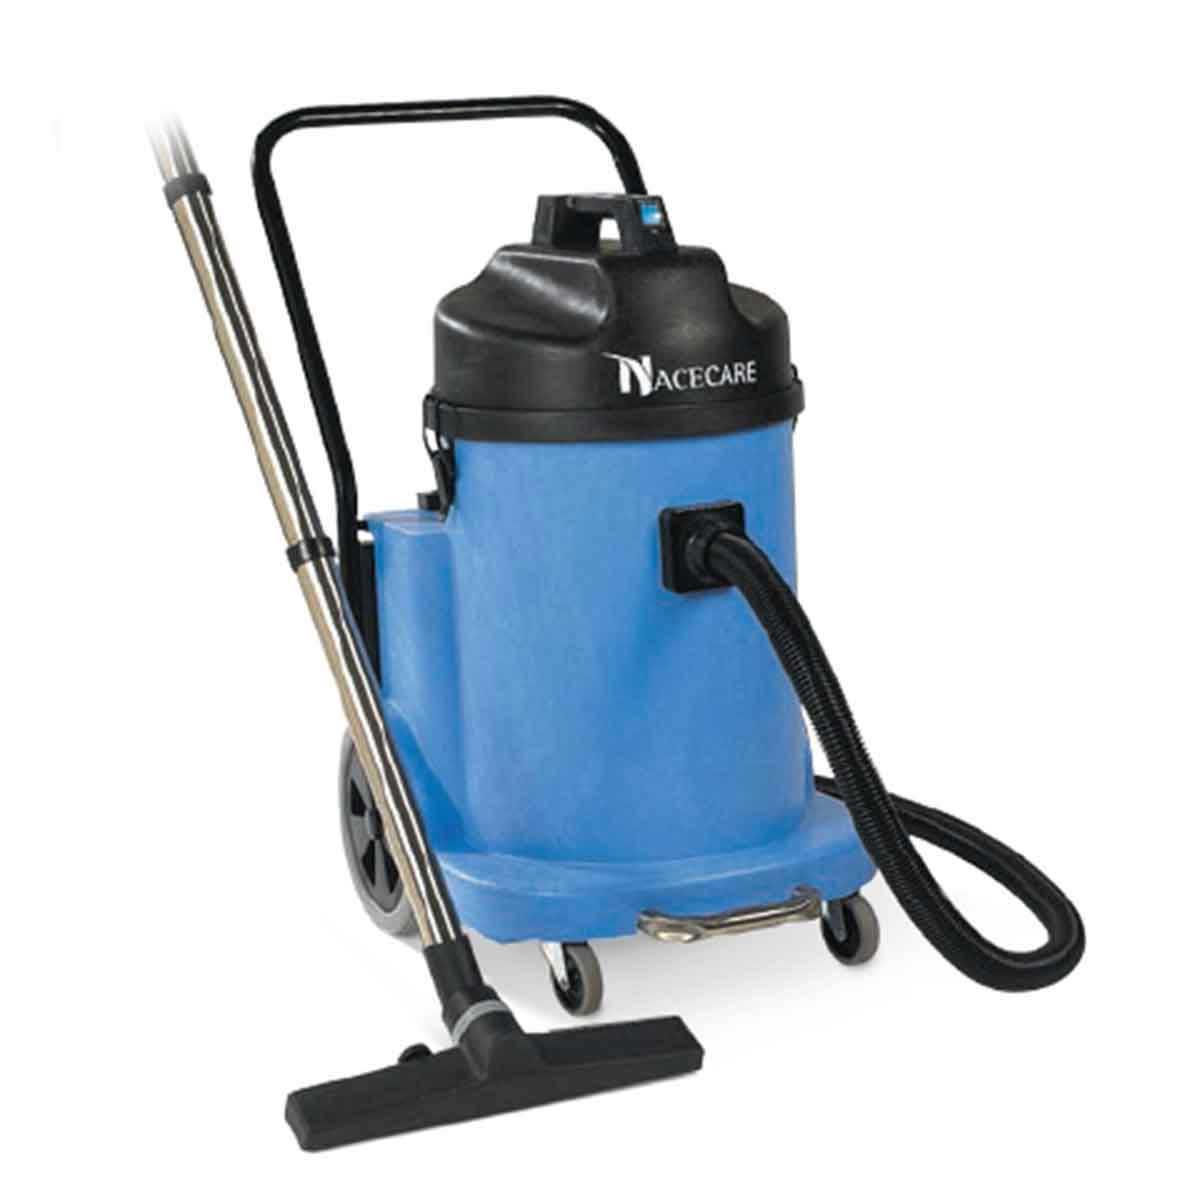 Nacecare Wet Slurry Vacuum